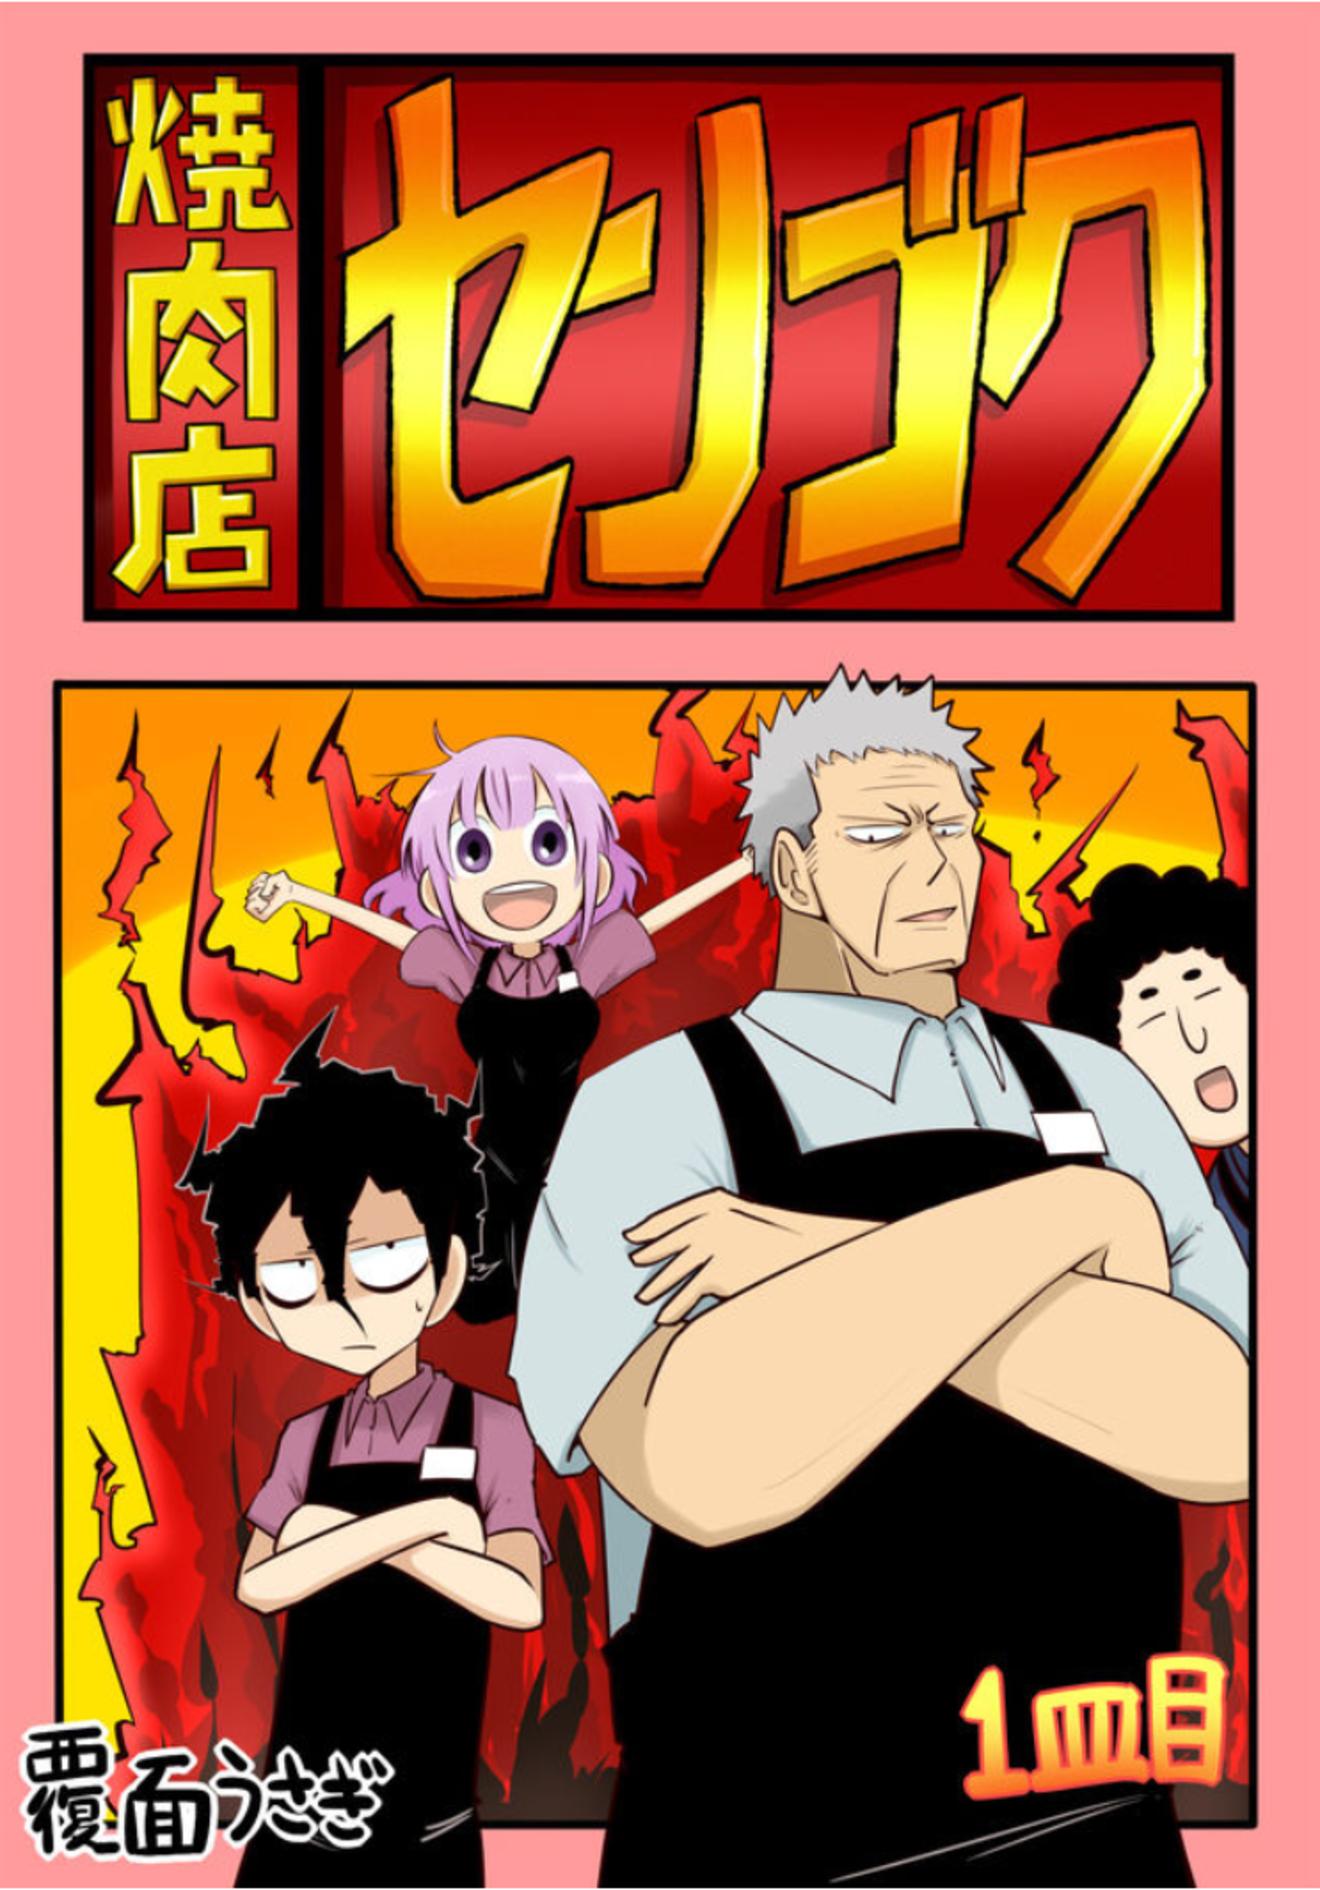 漫画『焼肉店センゴク』が無料!登場人物の魅力をネタバレ紹介【アニメ化】